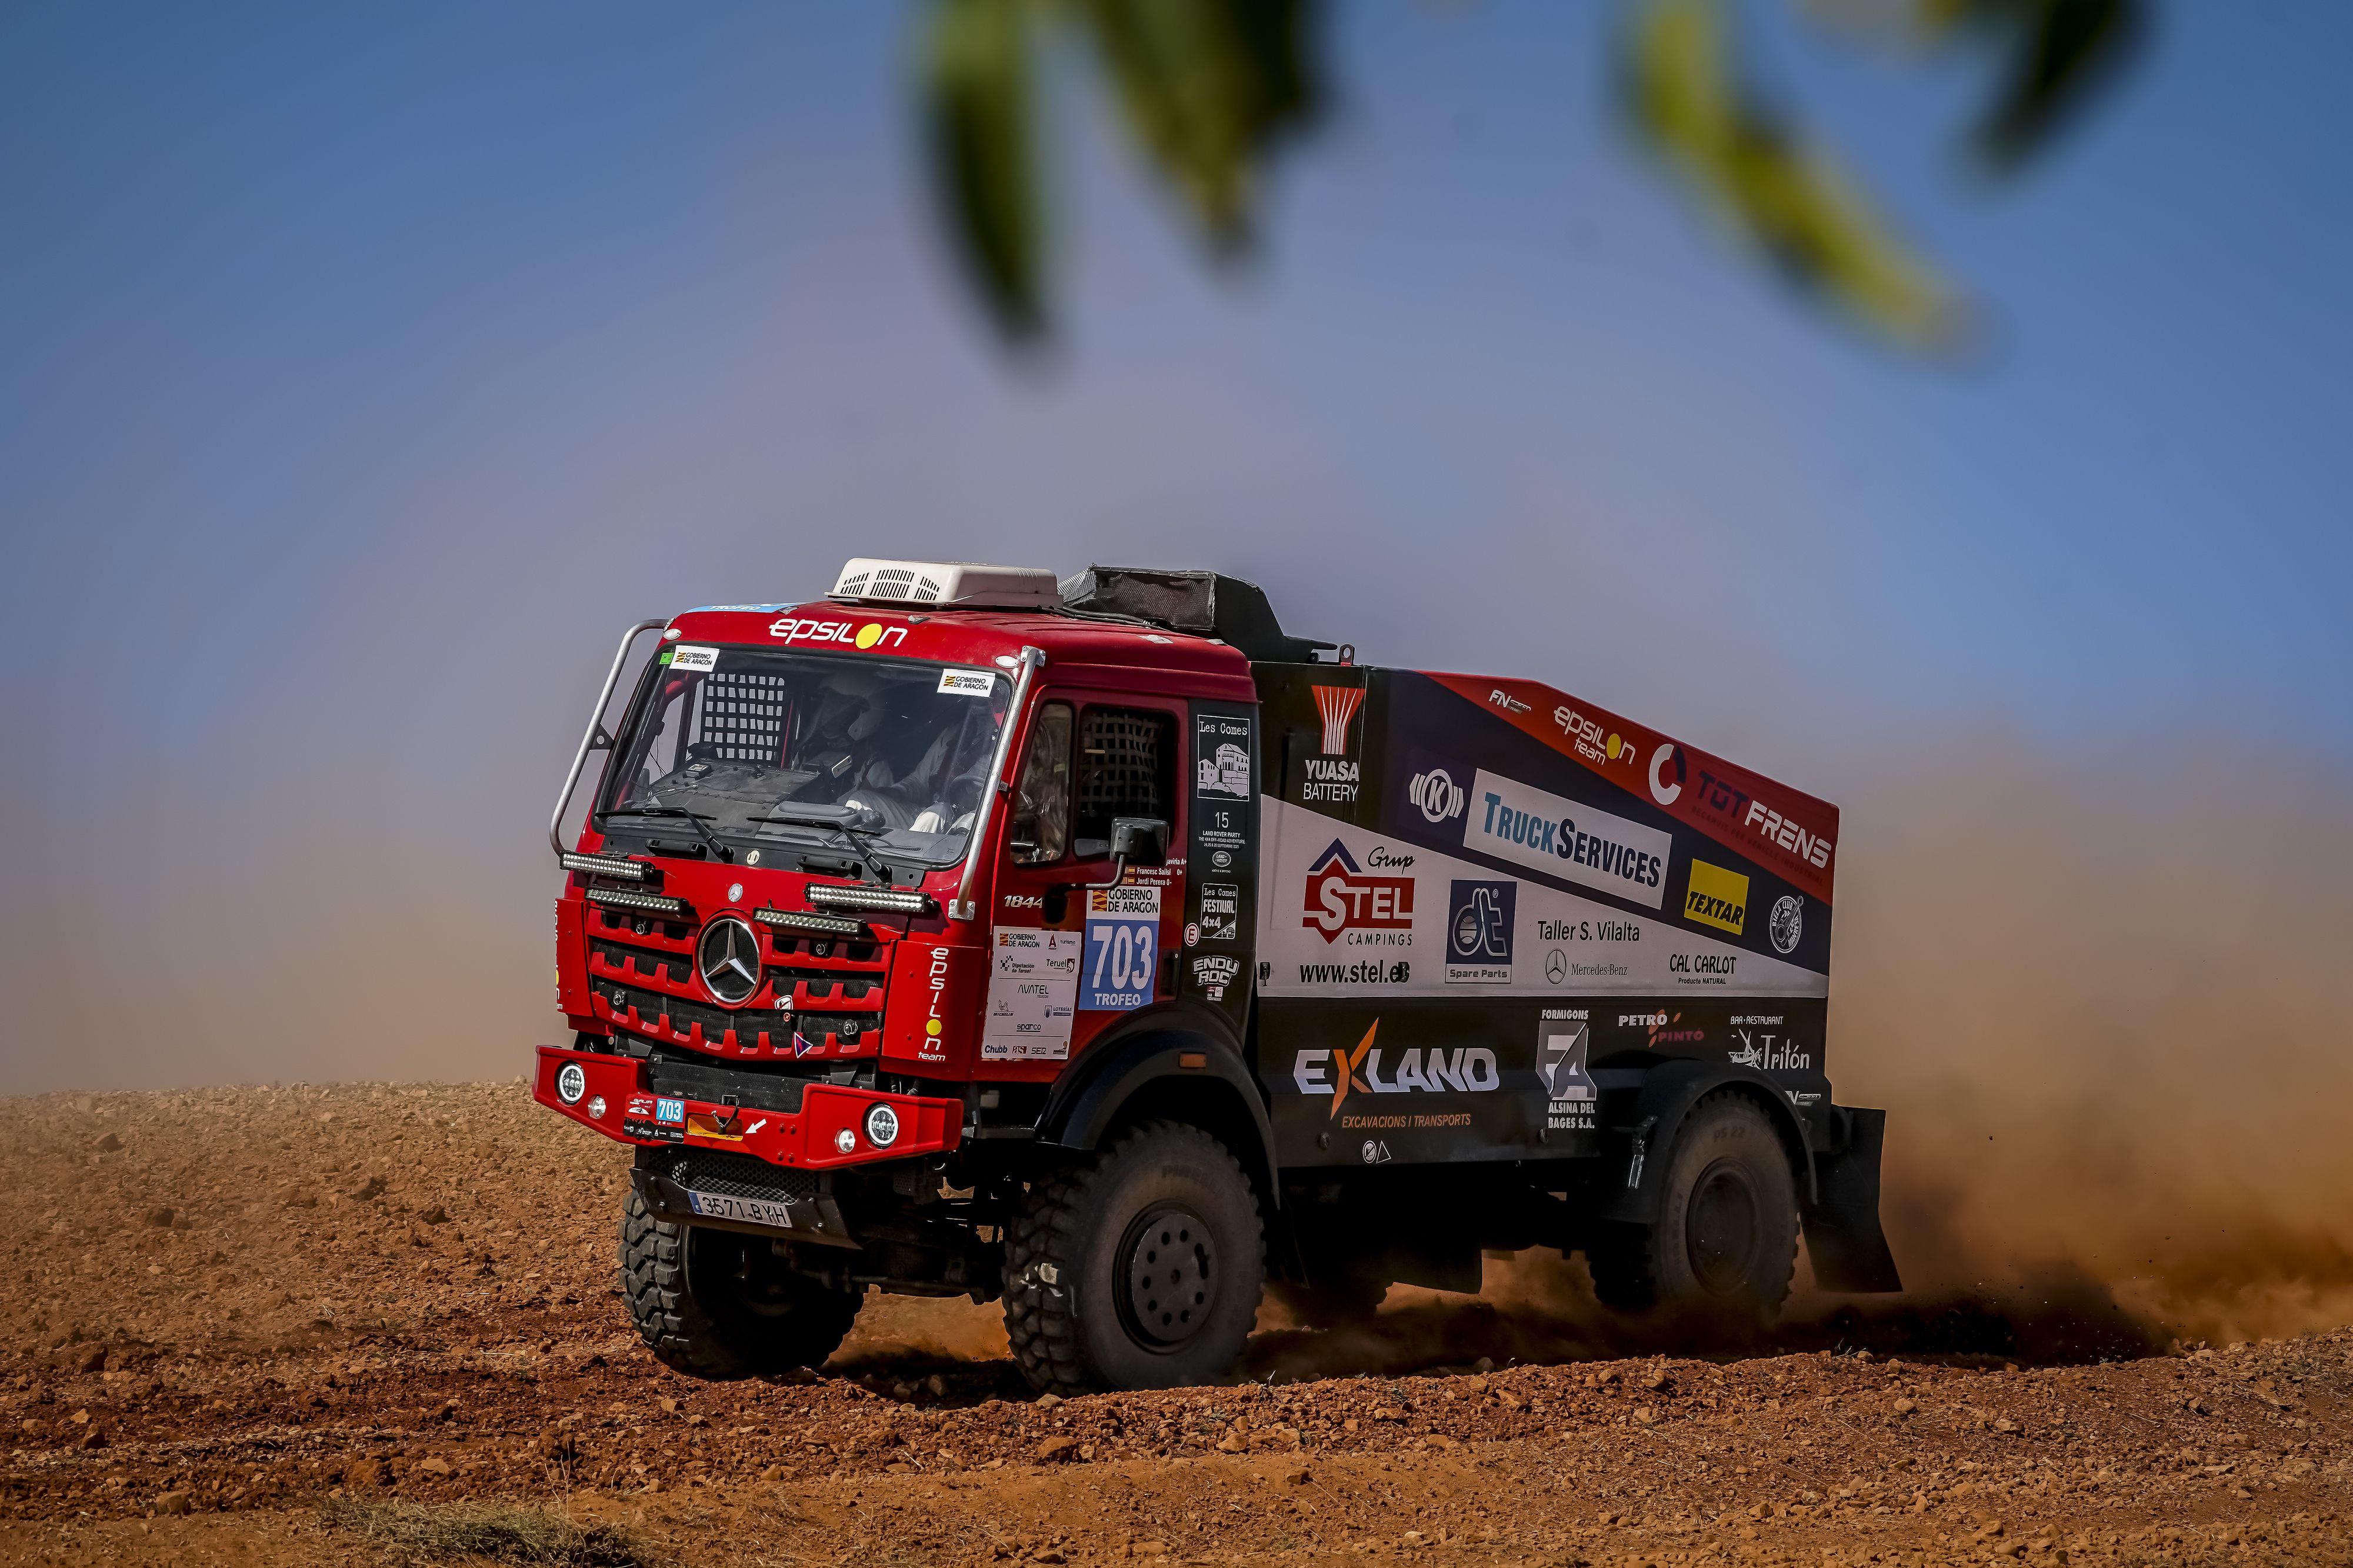 Fasten Your Seatbelts for the Baja España Aragón